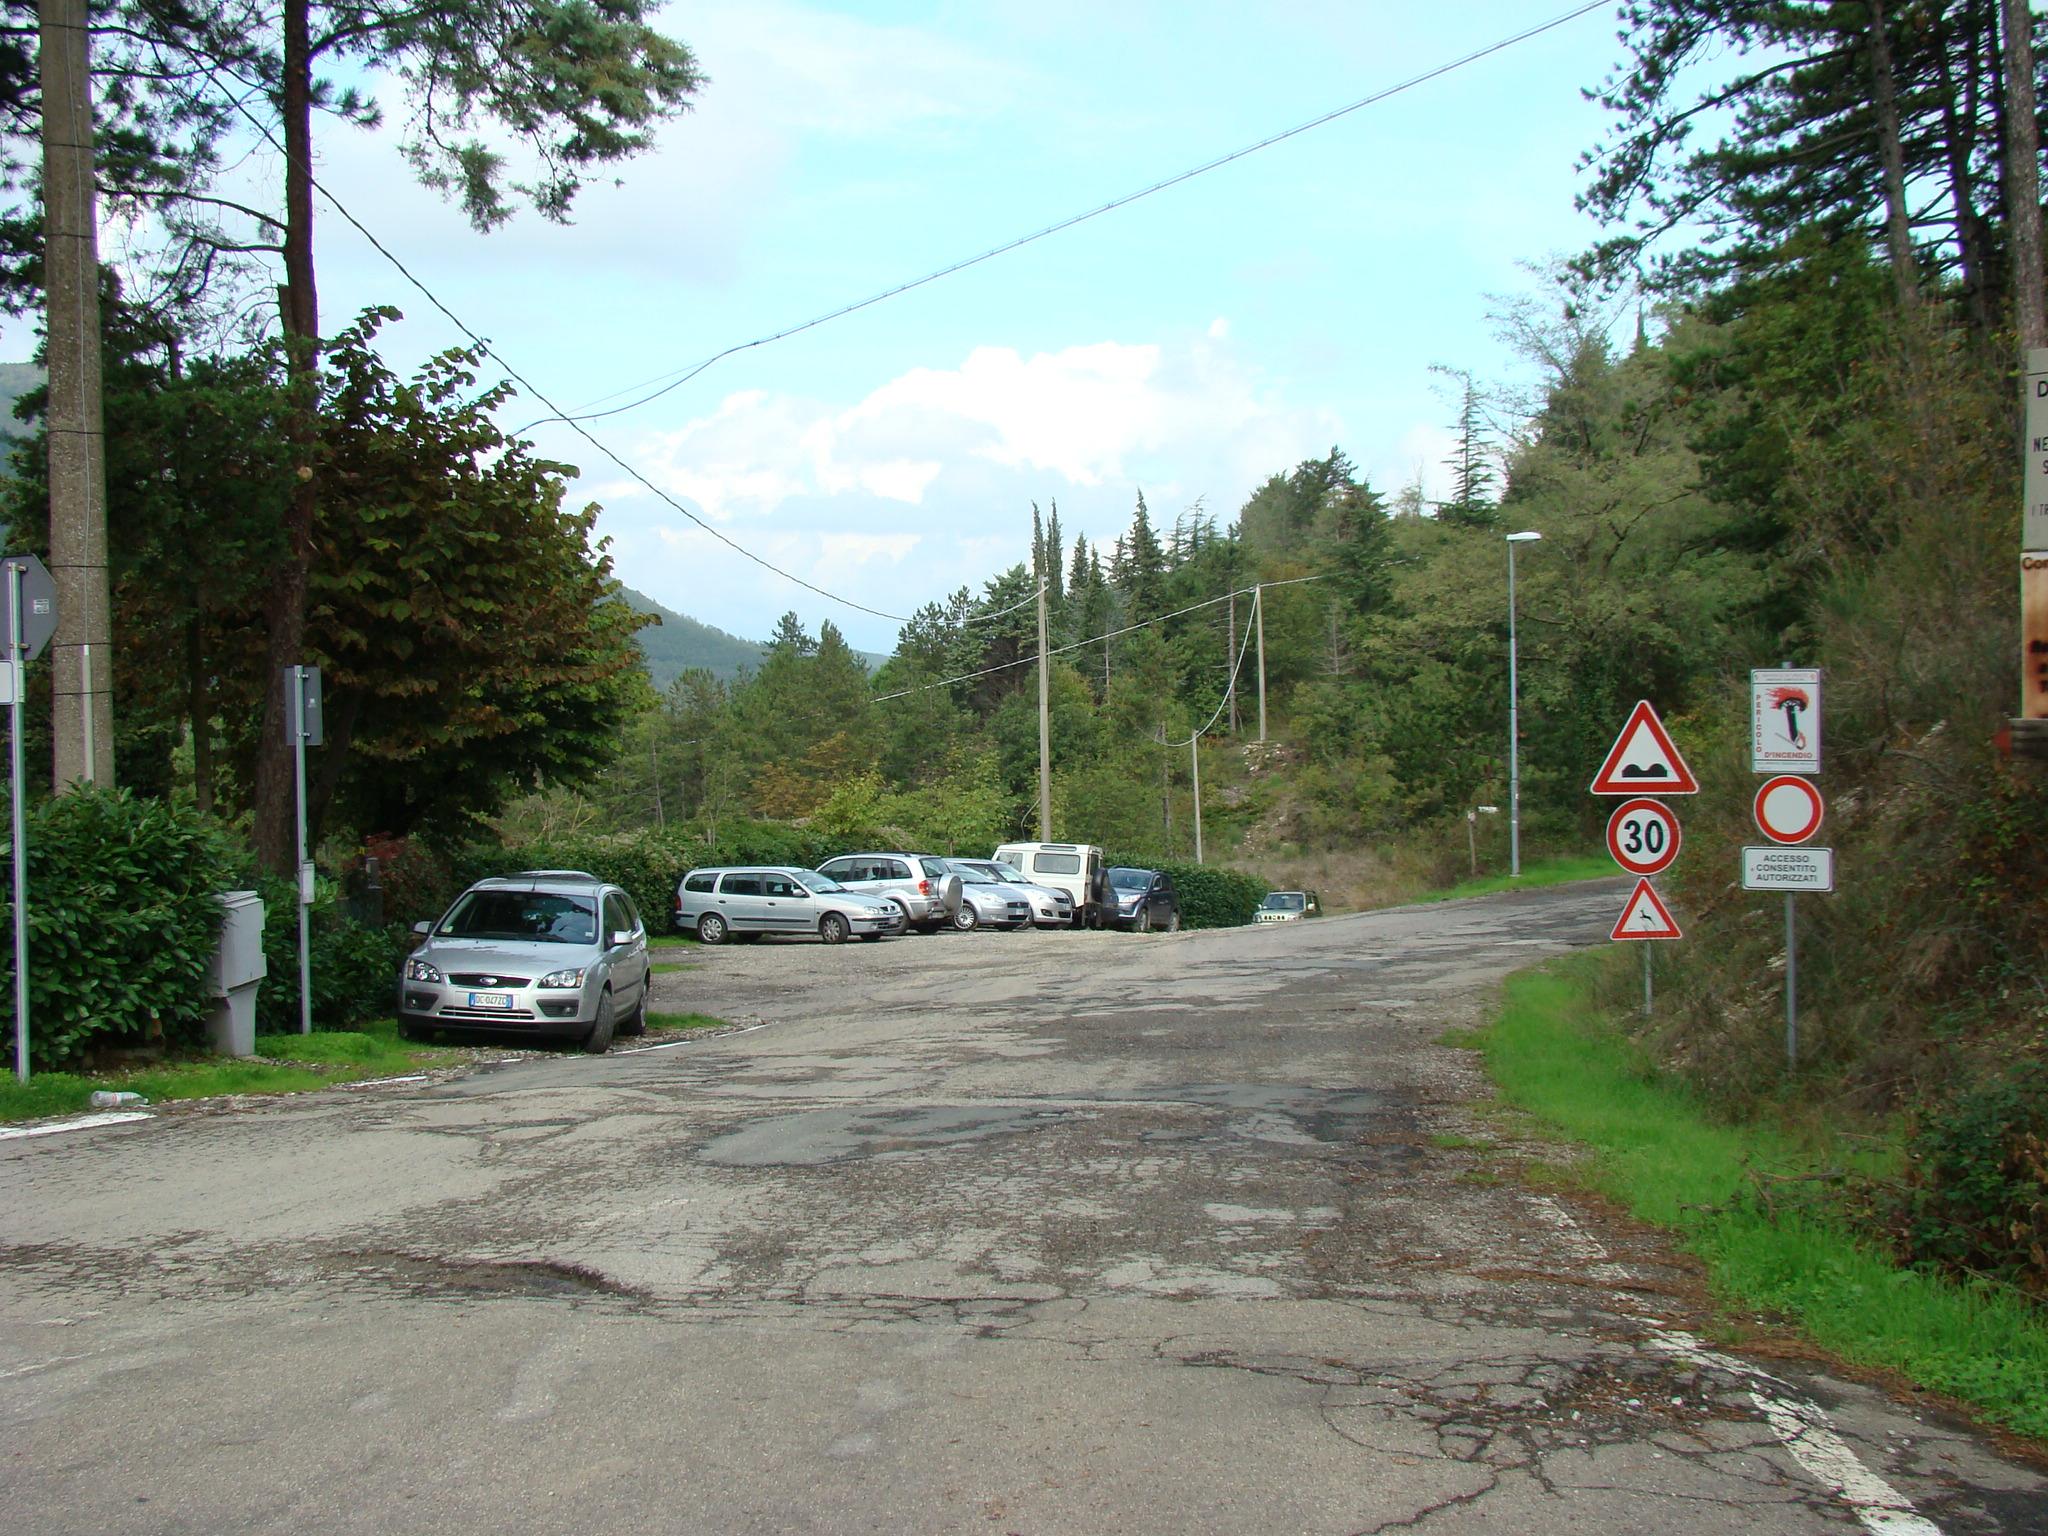 Parcheggio in località Ceppeto (di Giuliana Profeti)